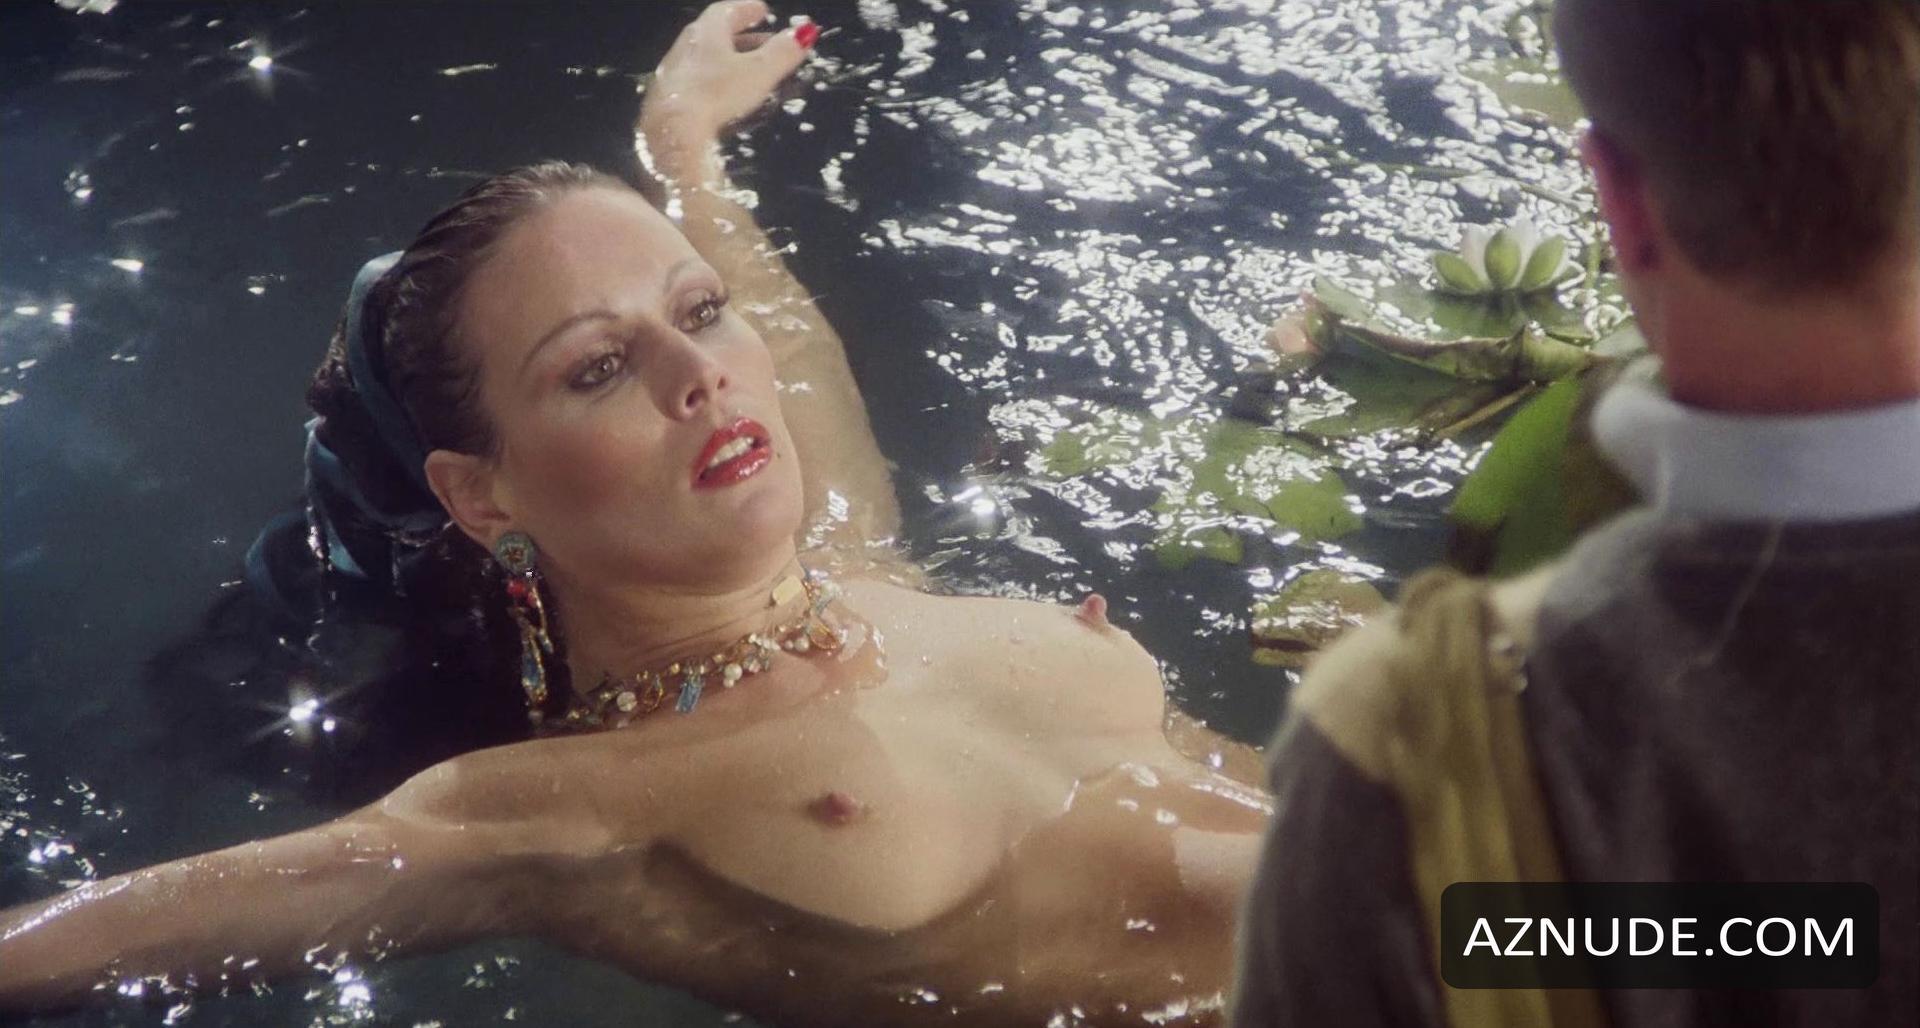 Porn femmes nue